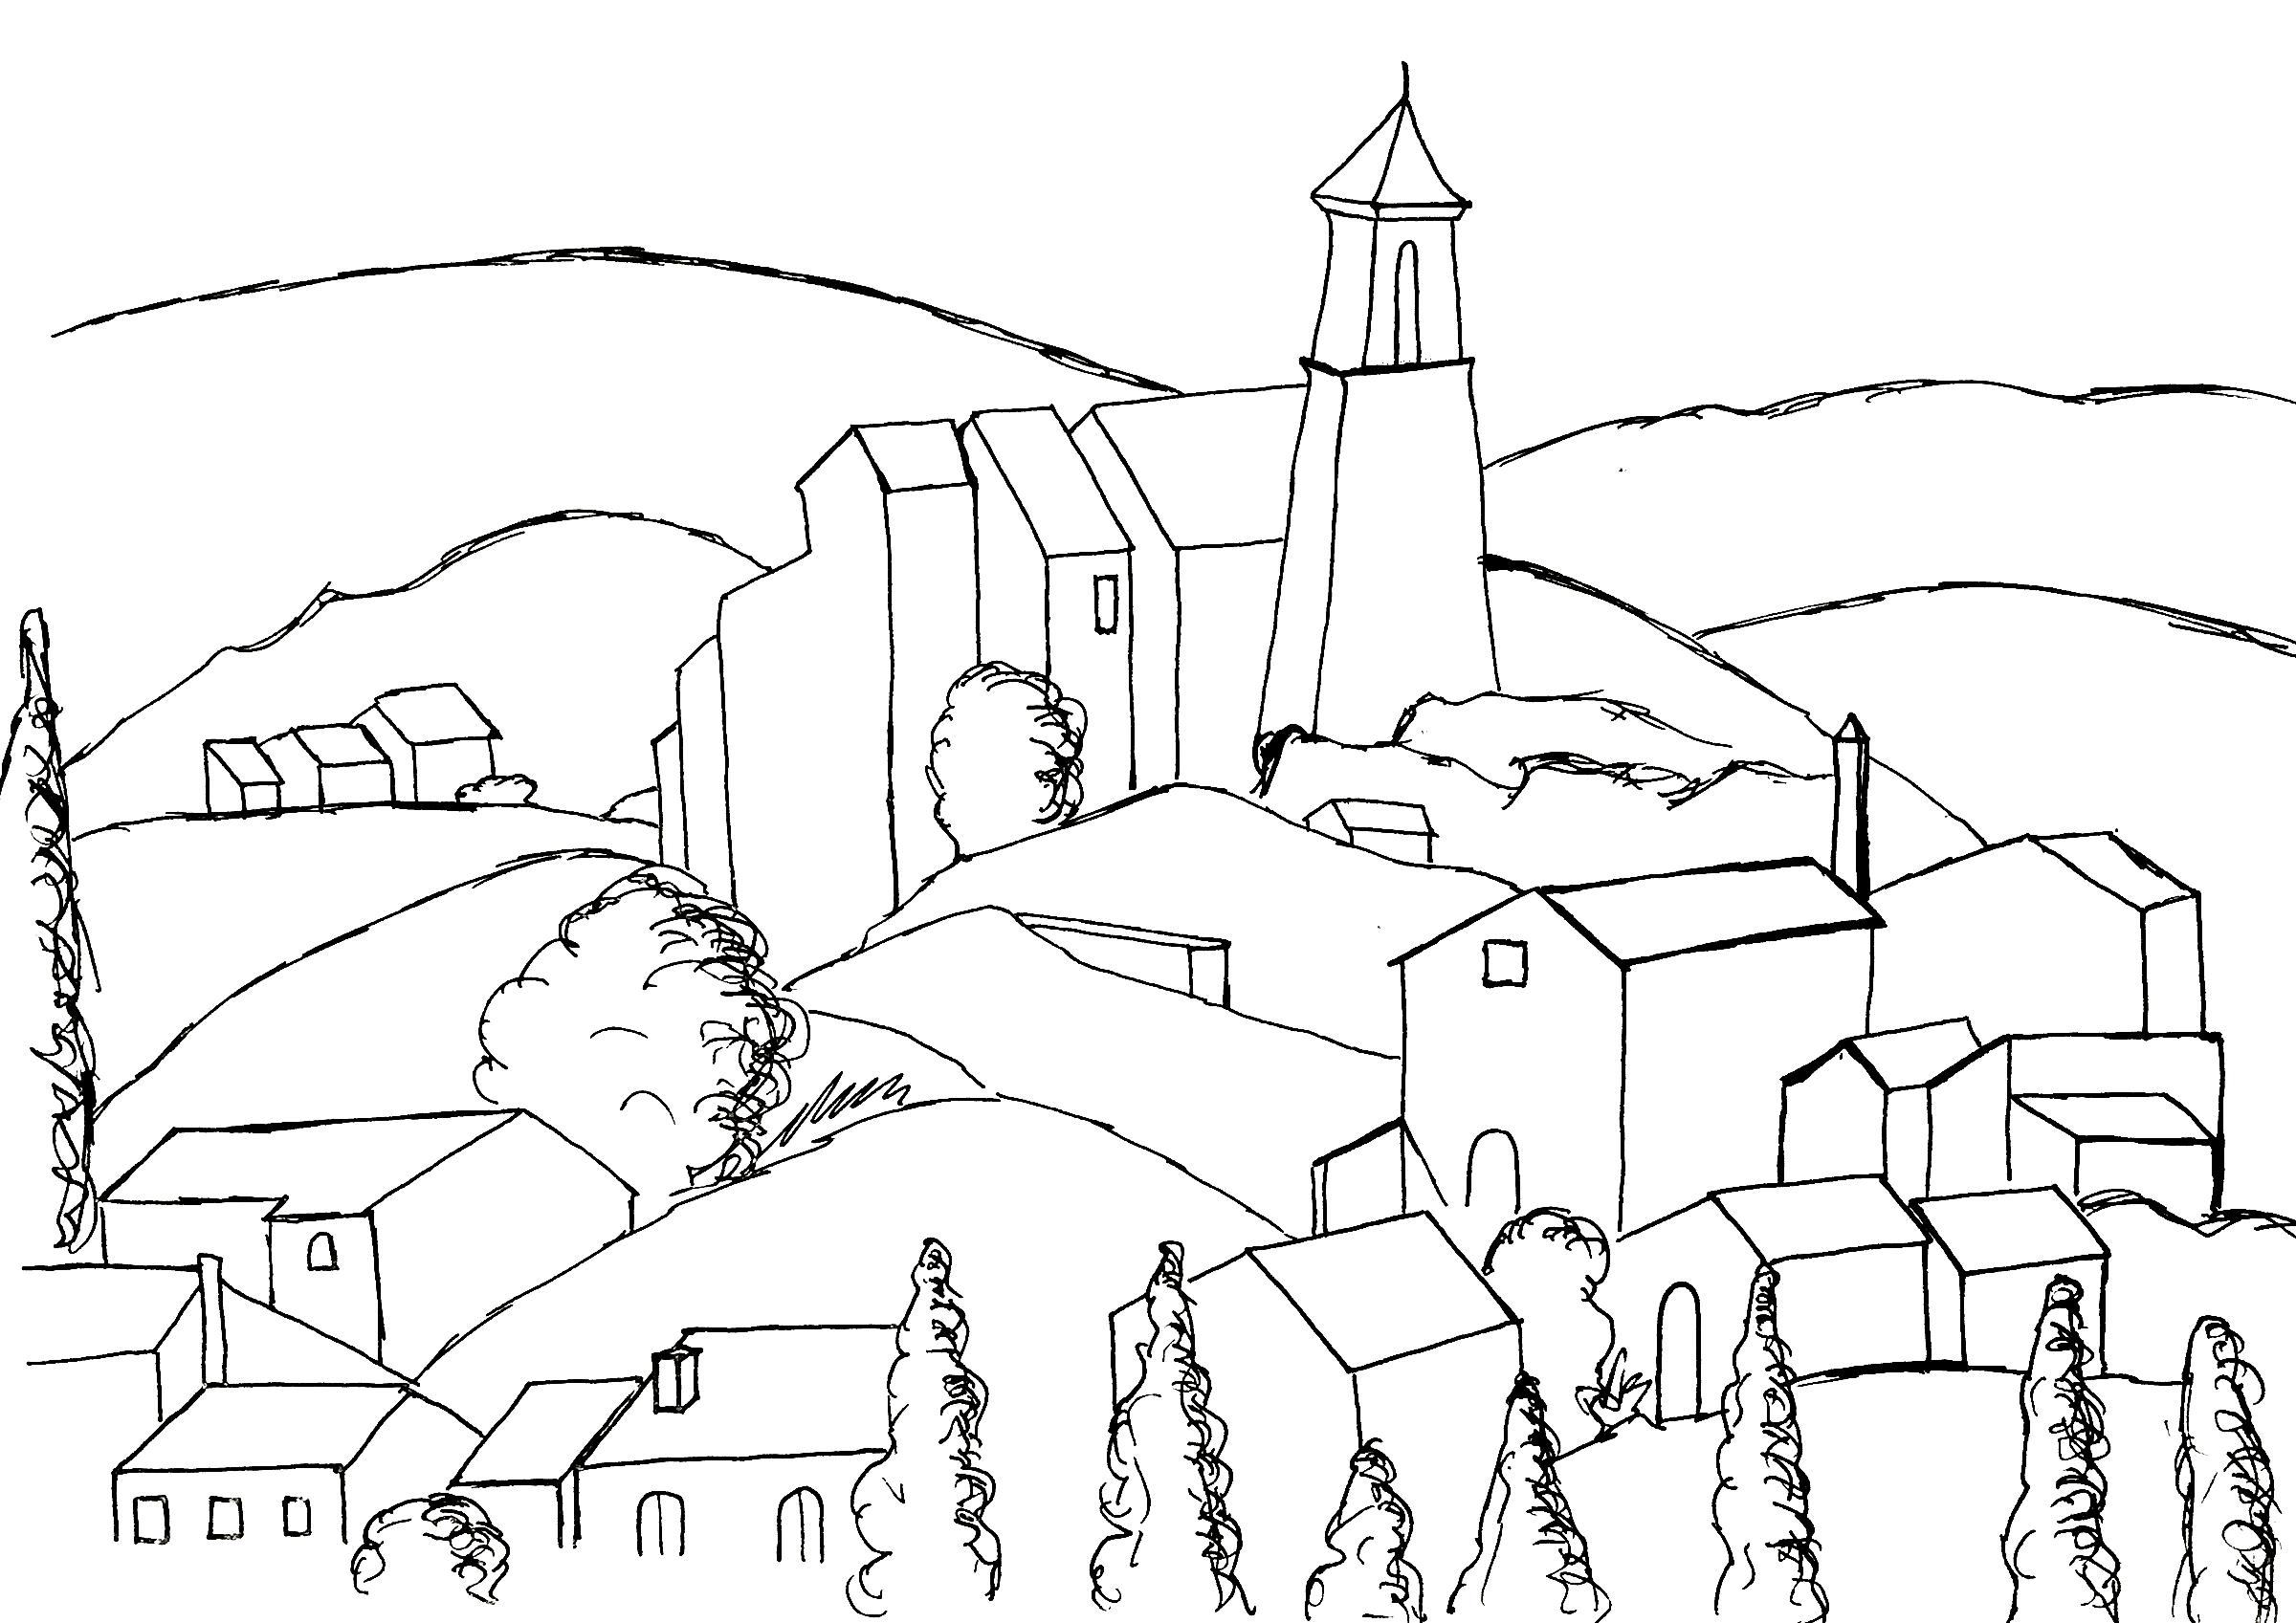 Un coloriage original inspir d 39 une peinture de cezanne - Village dessin ...